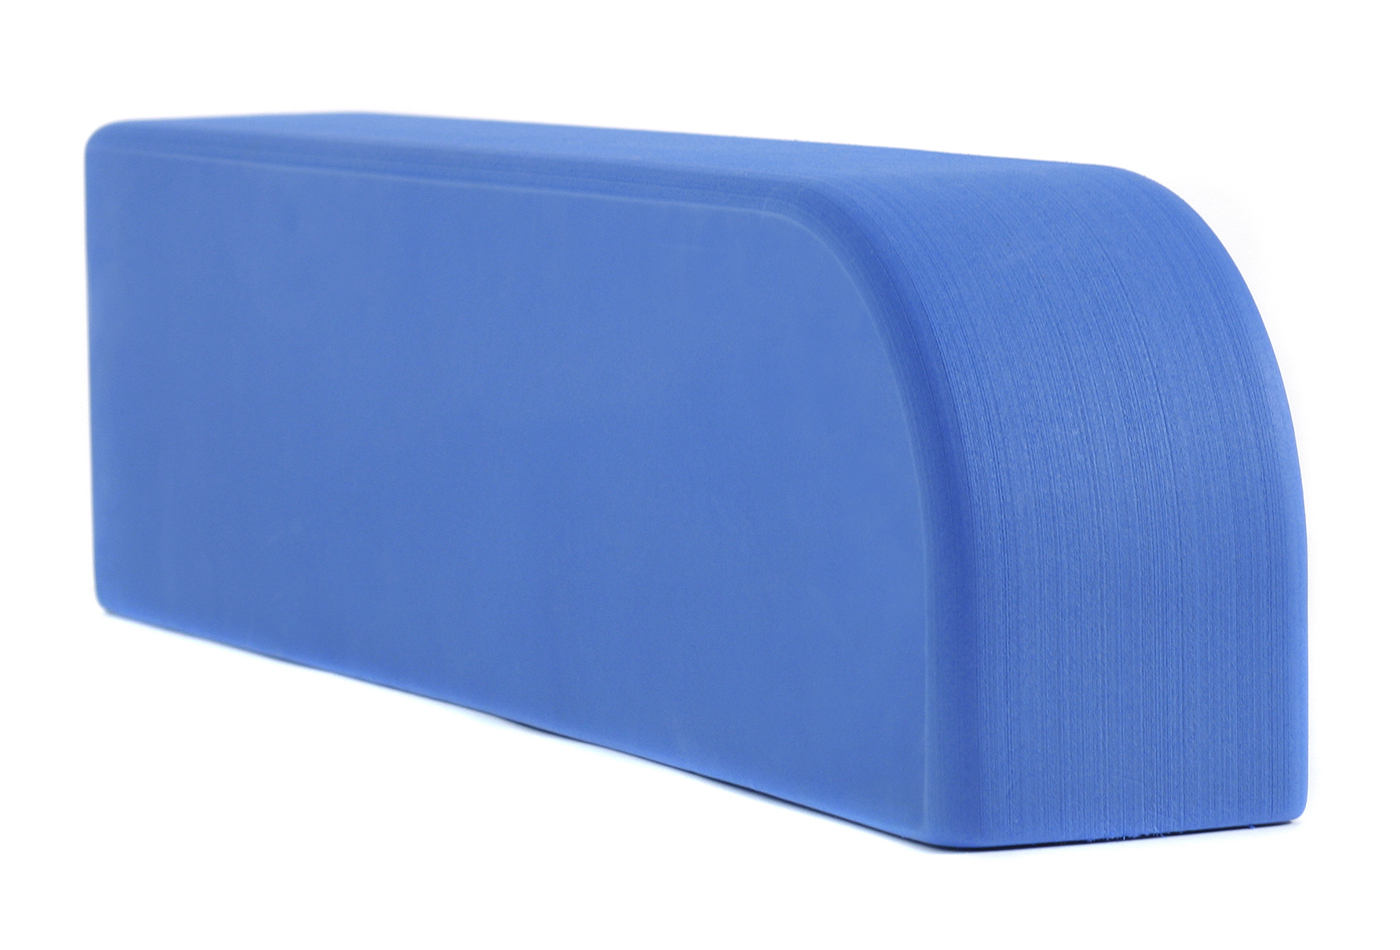 Bloque para pilates raja - azul